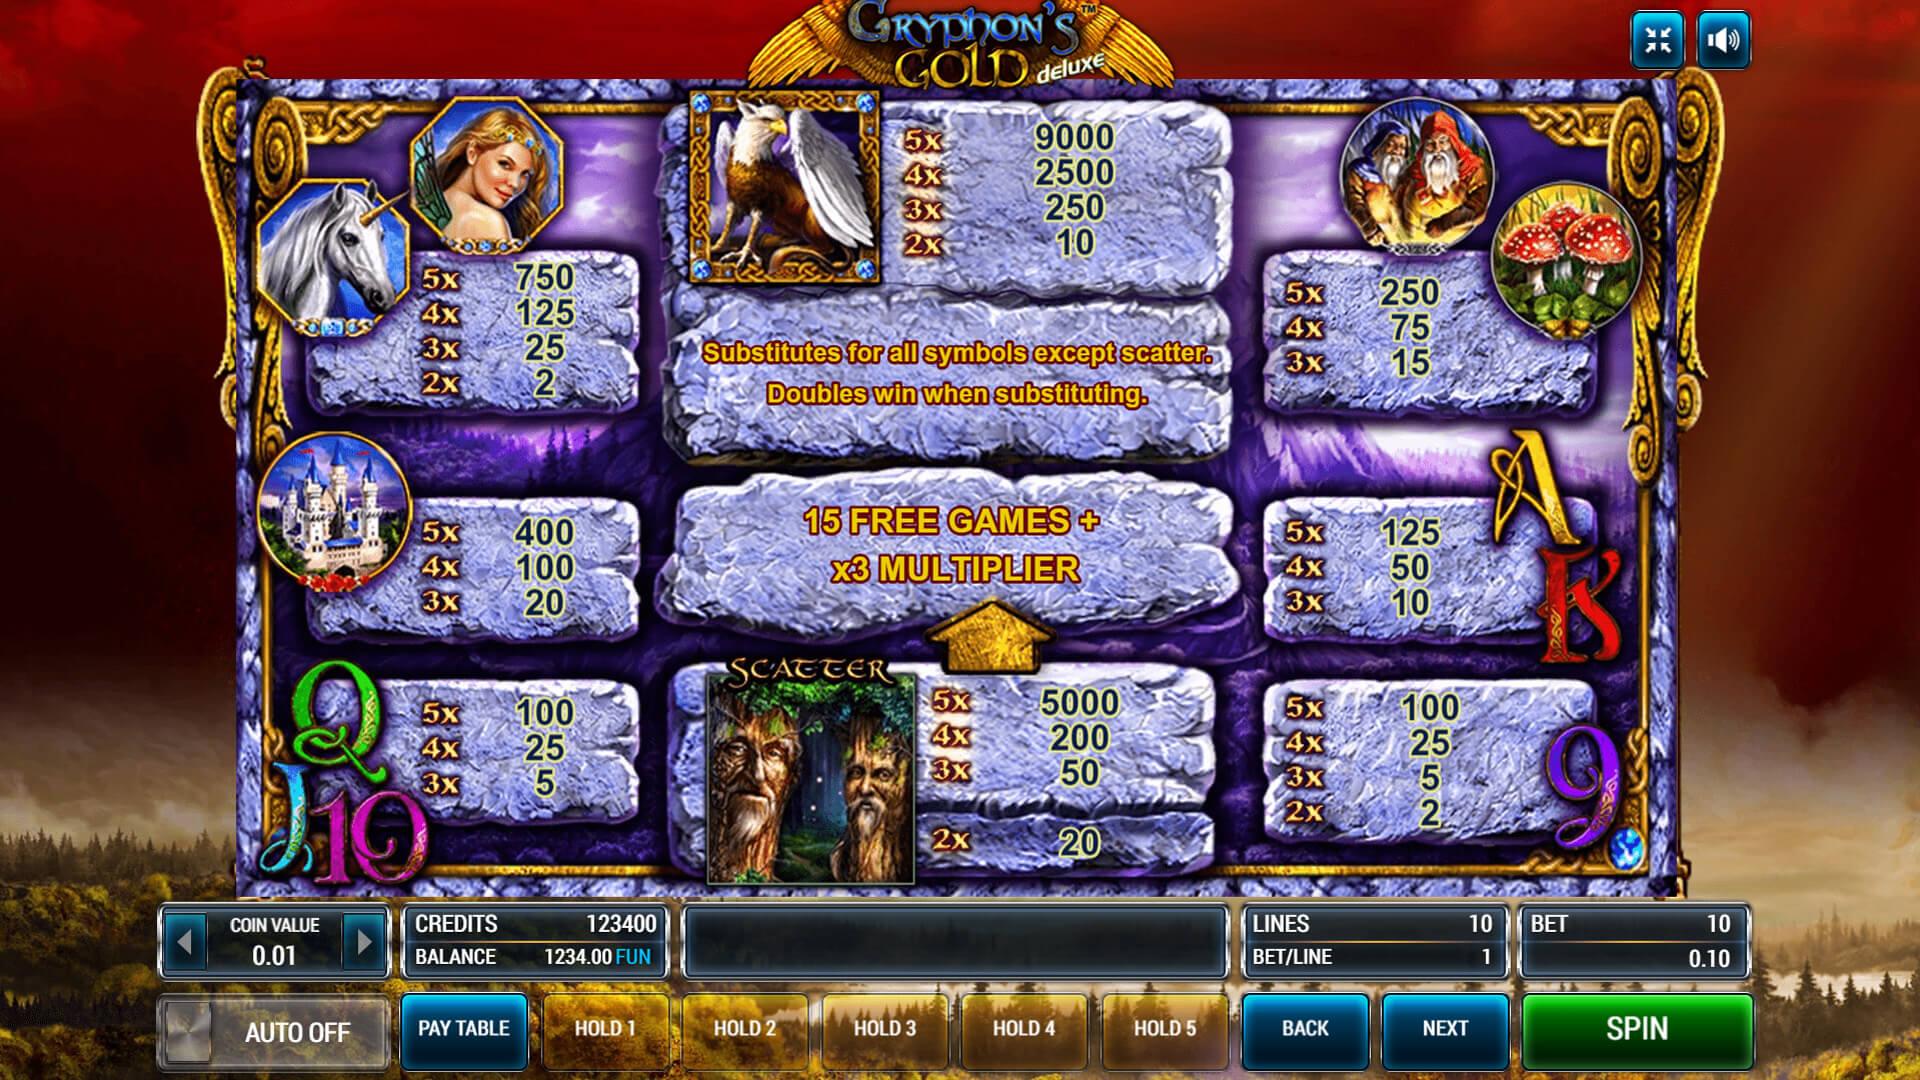 Изображение игрового автомата Gryphon's Gold Deluxe 3